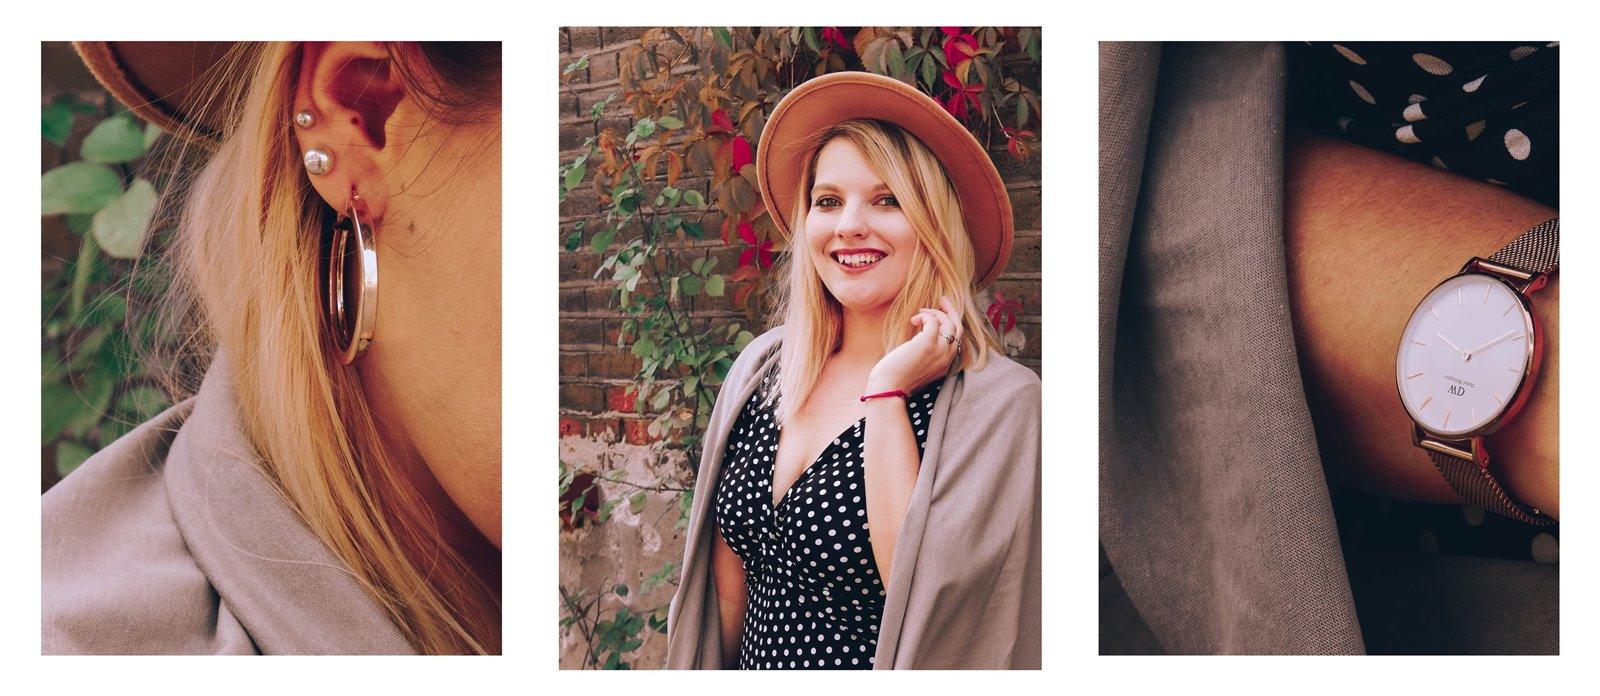 7a jak zdobyć popularność na instagramie oszustwa kłamstwa blogerów jak blogosfera kłamie reklamy na blogach facebooku stylizacja blog łódź melodylaniella bonprix sukienka kapelusz hot moda cado szal sukienka